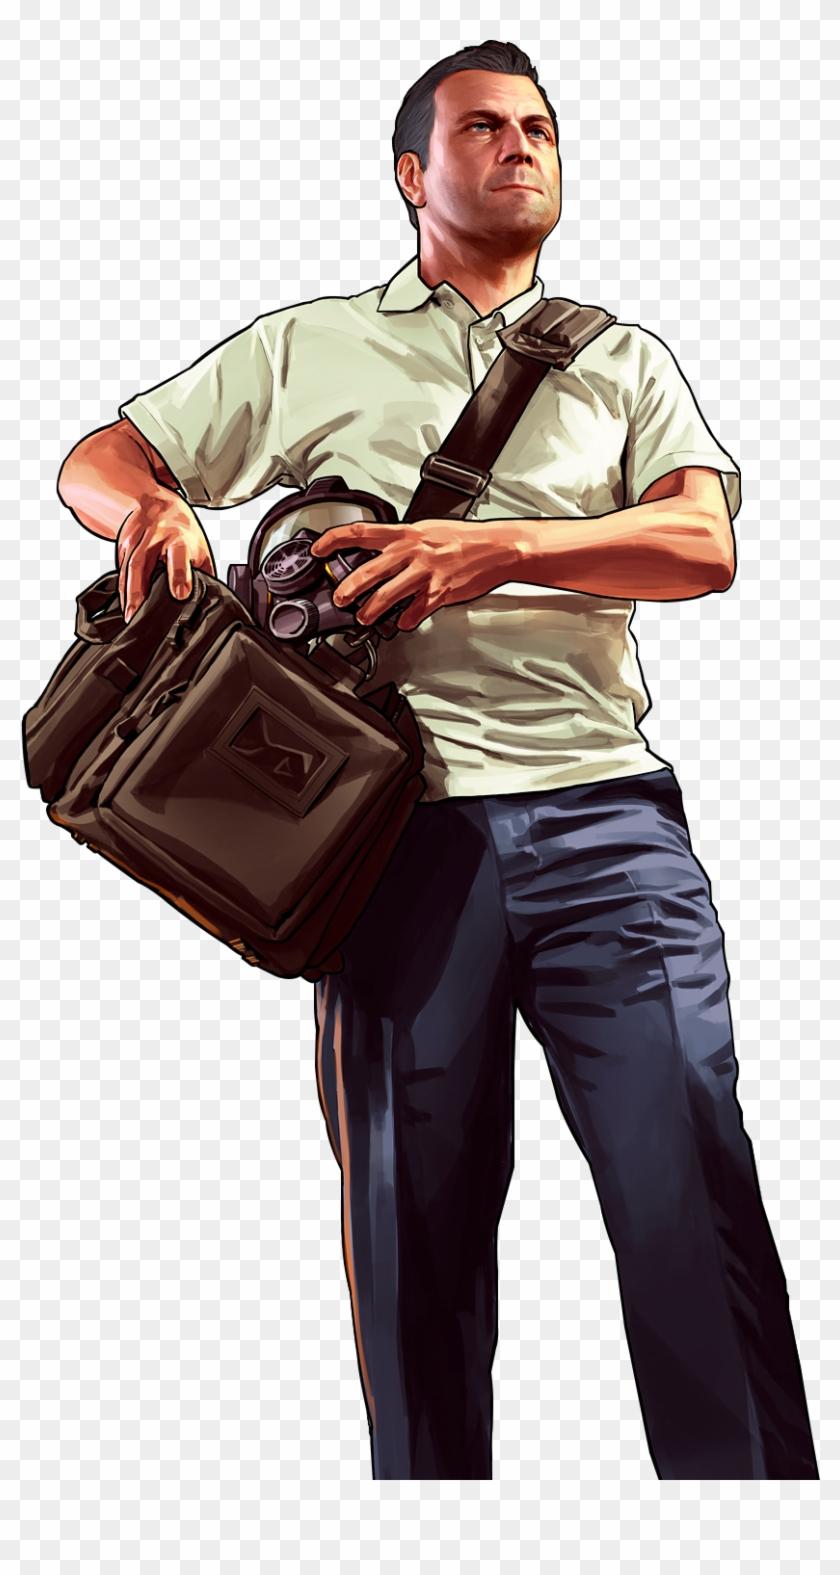 Gta V Personagens Png - Trevor Michael Franklin Png